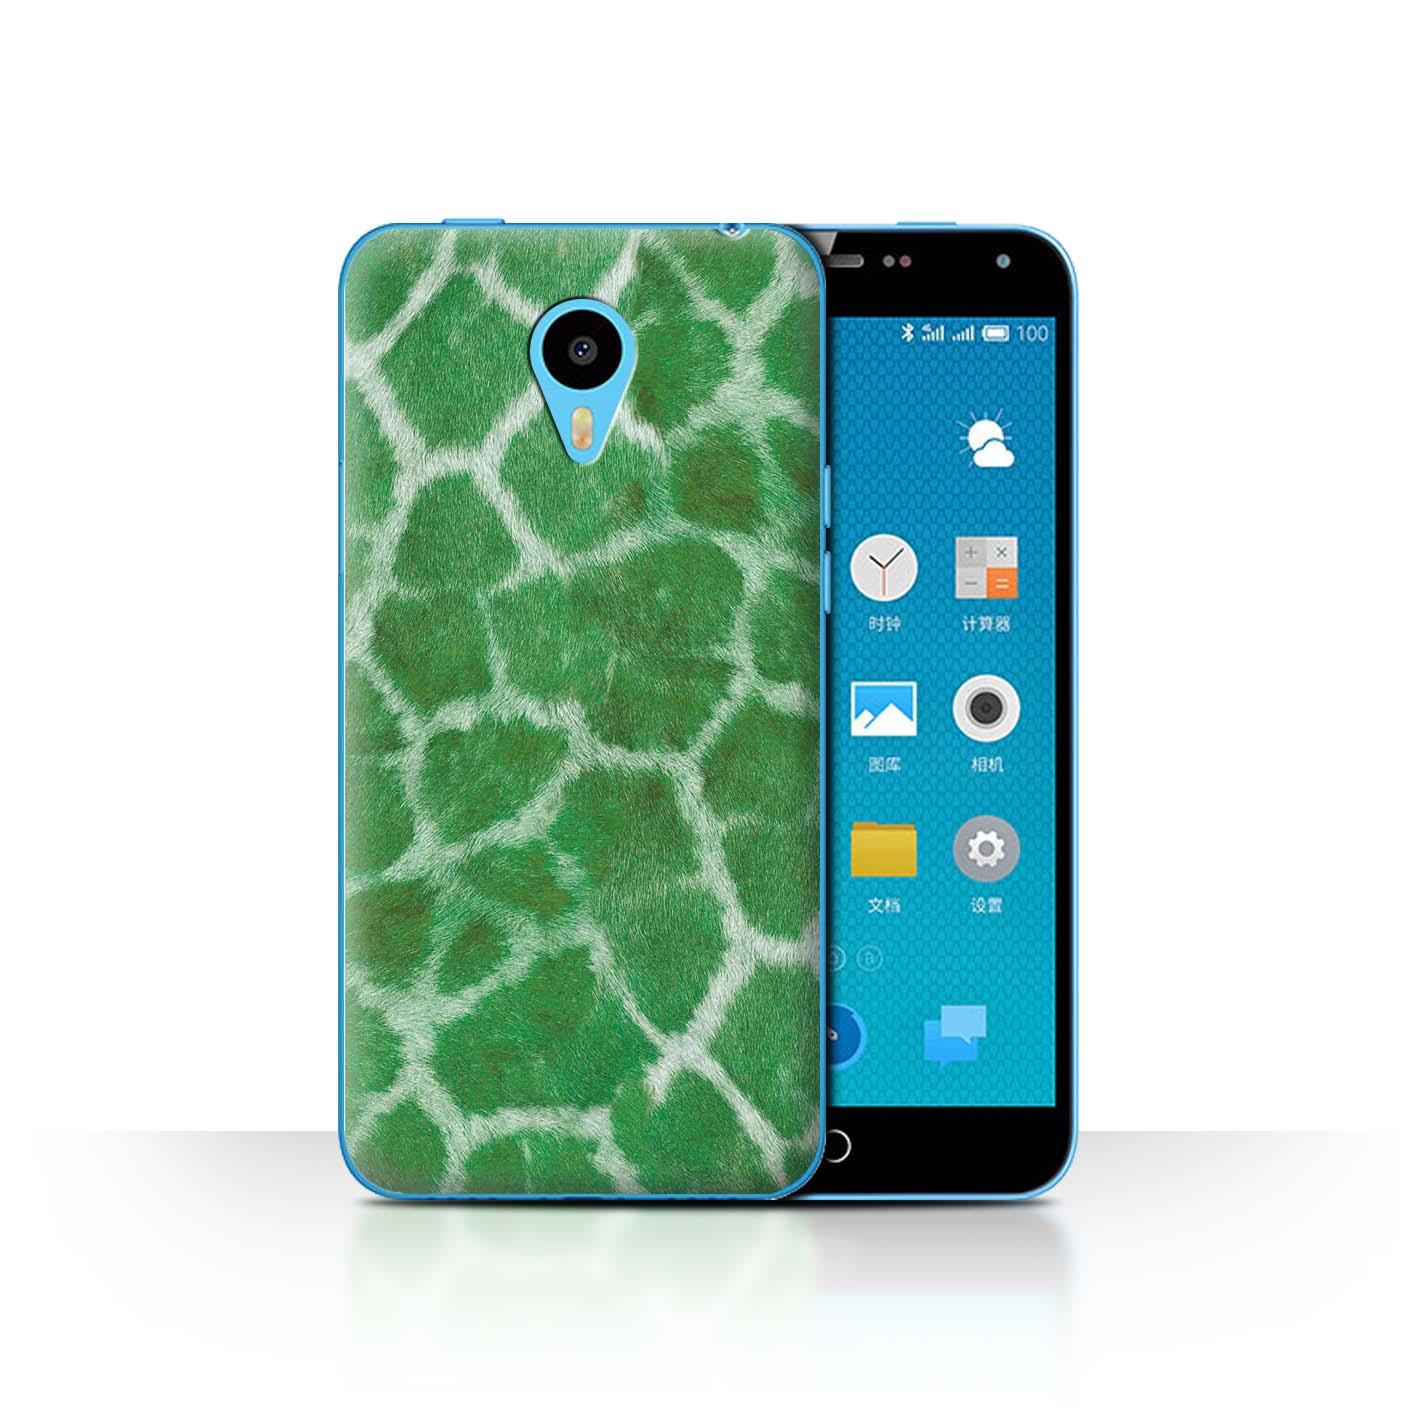 STUFF4-Back-Case-Cover-Skin-for-Meizu-M1N-Giraffe-Animal-Skin-Print